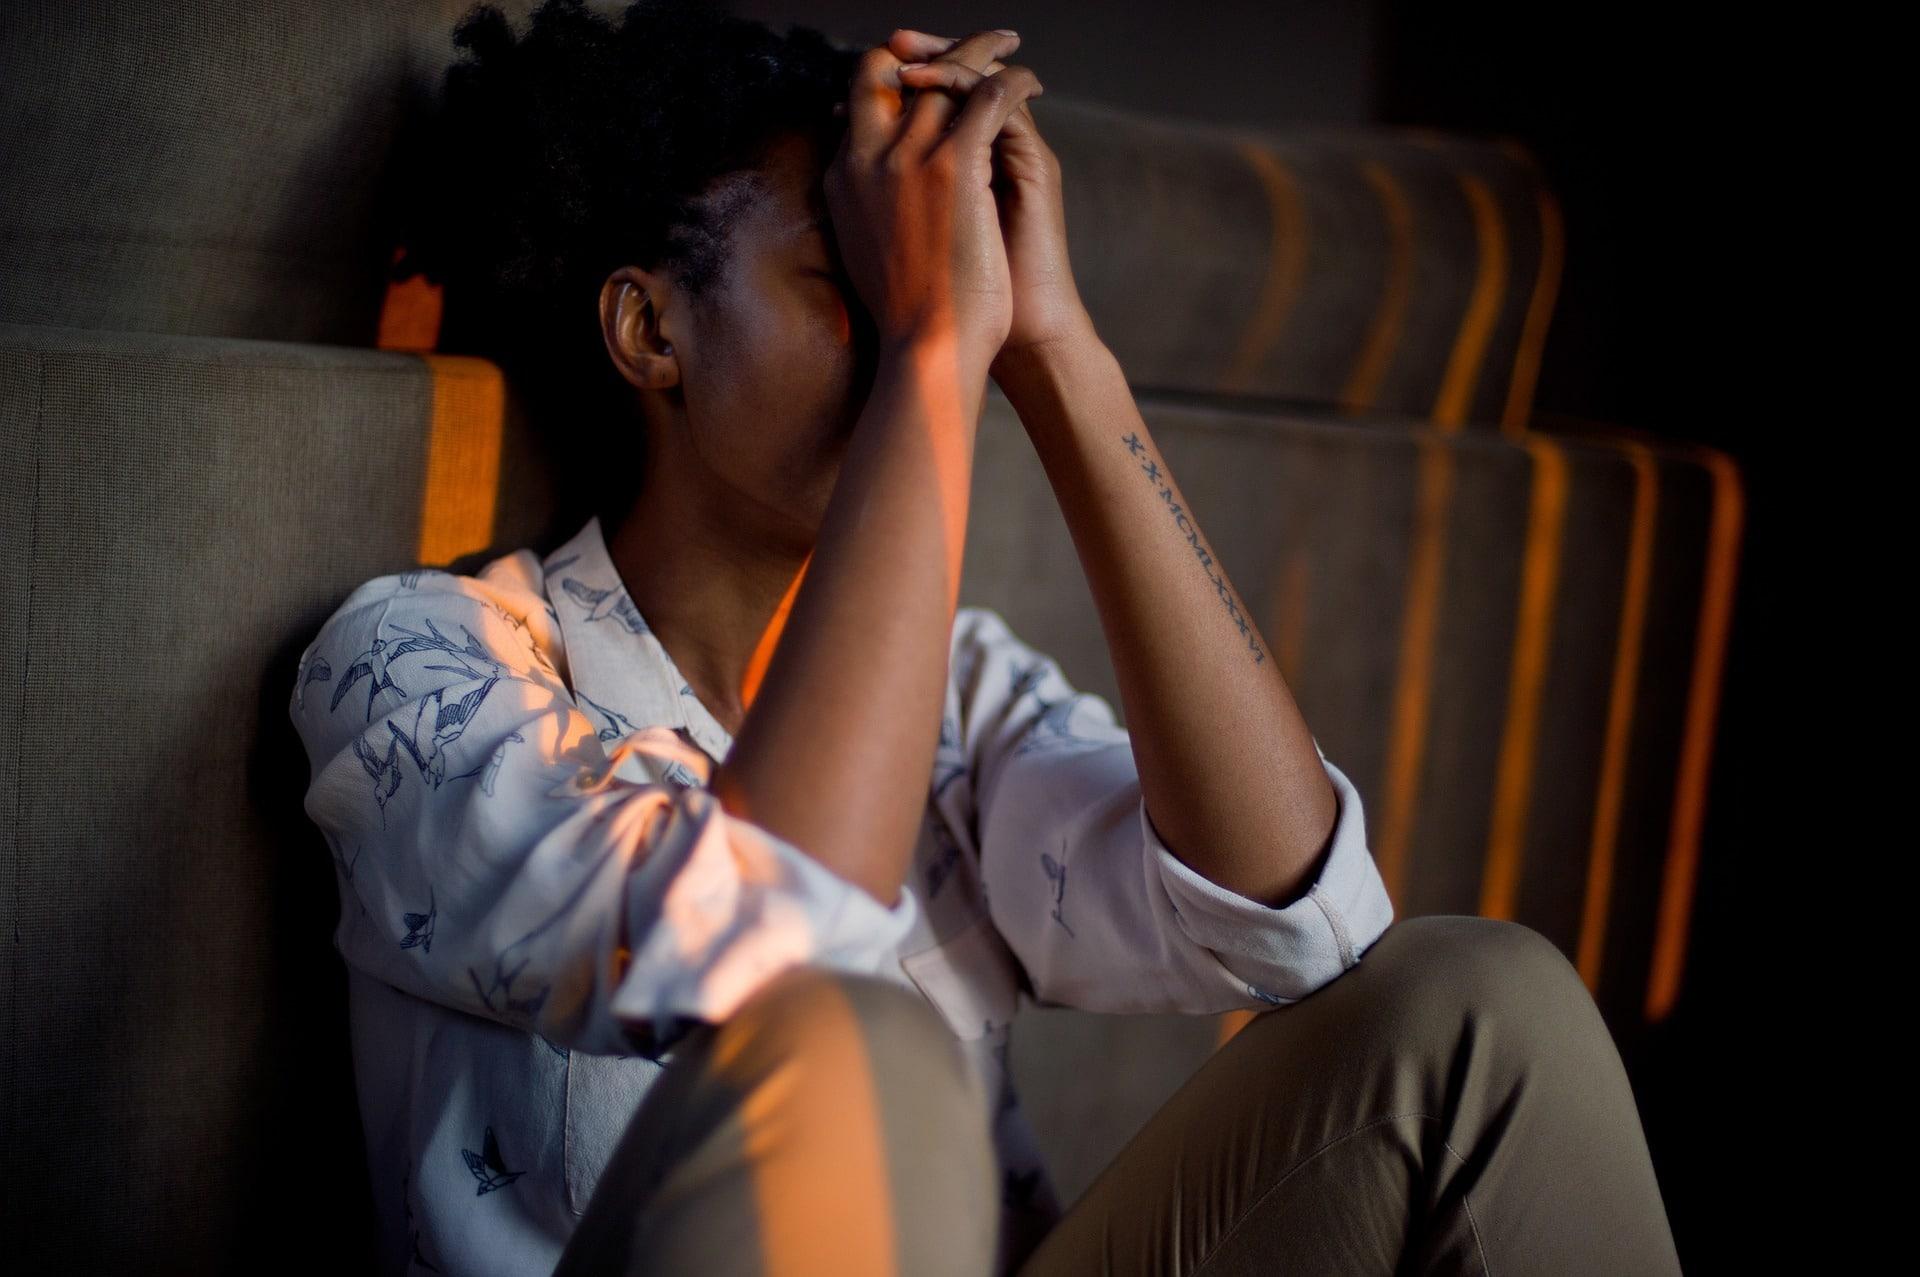 Identificati i bersagli genetici degli ormoni coinvolti nello stress cronico.